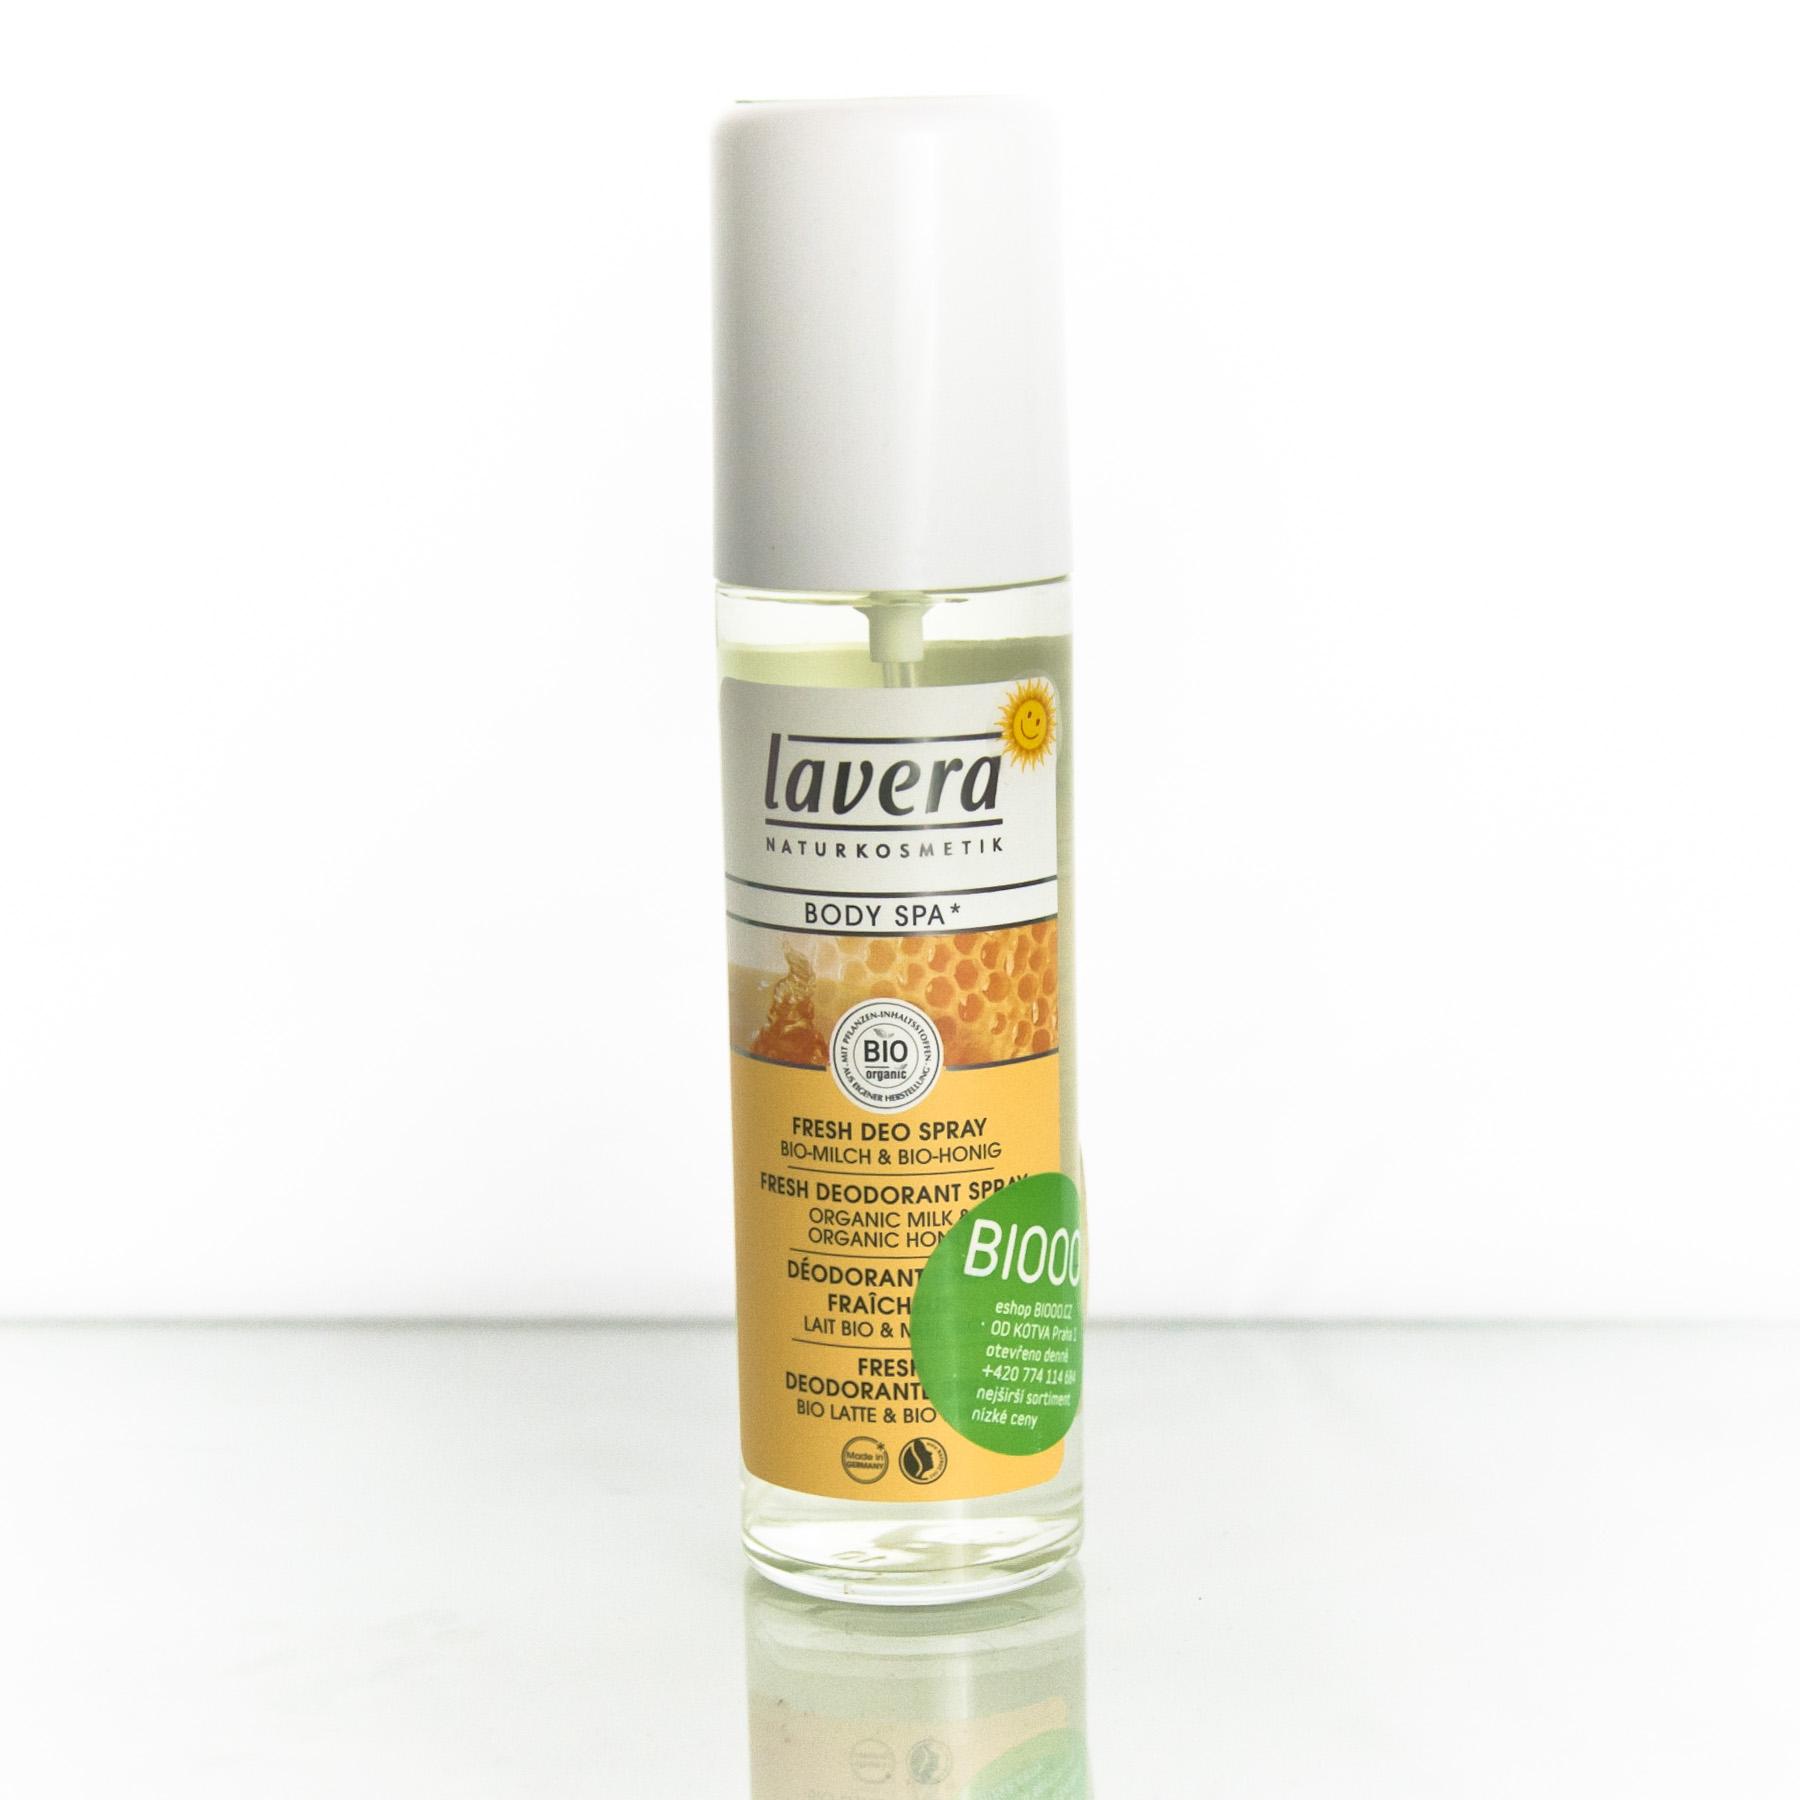 Lavera Deodorant sprej mléko a med, Body Spa 75 ml